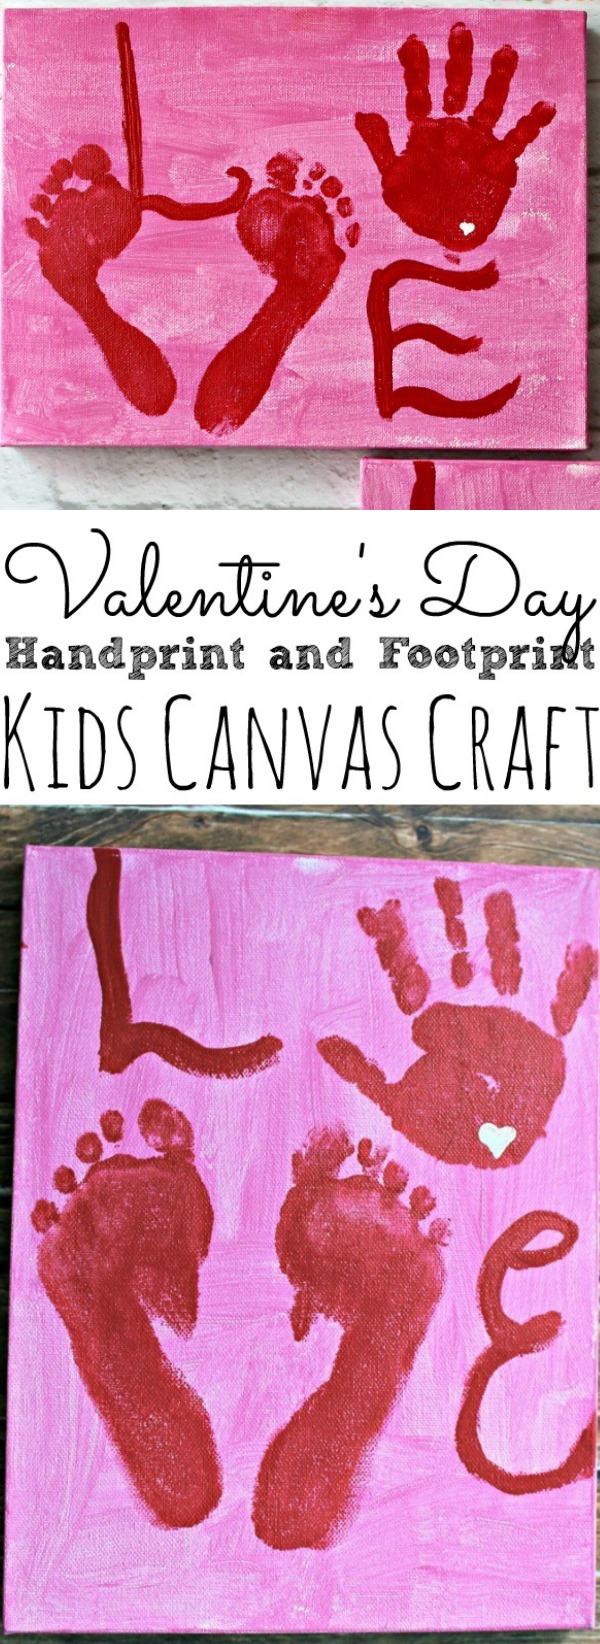 Valentine's Day Kids Handprint and Footprint Craft